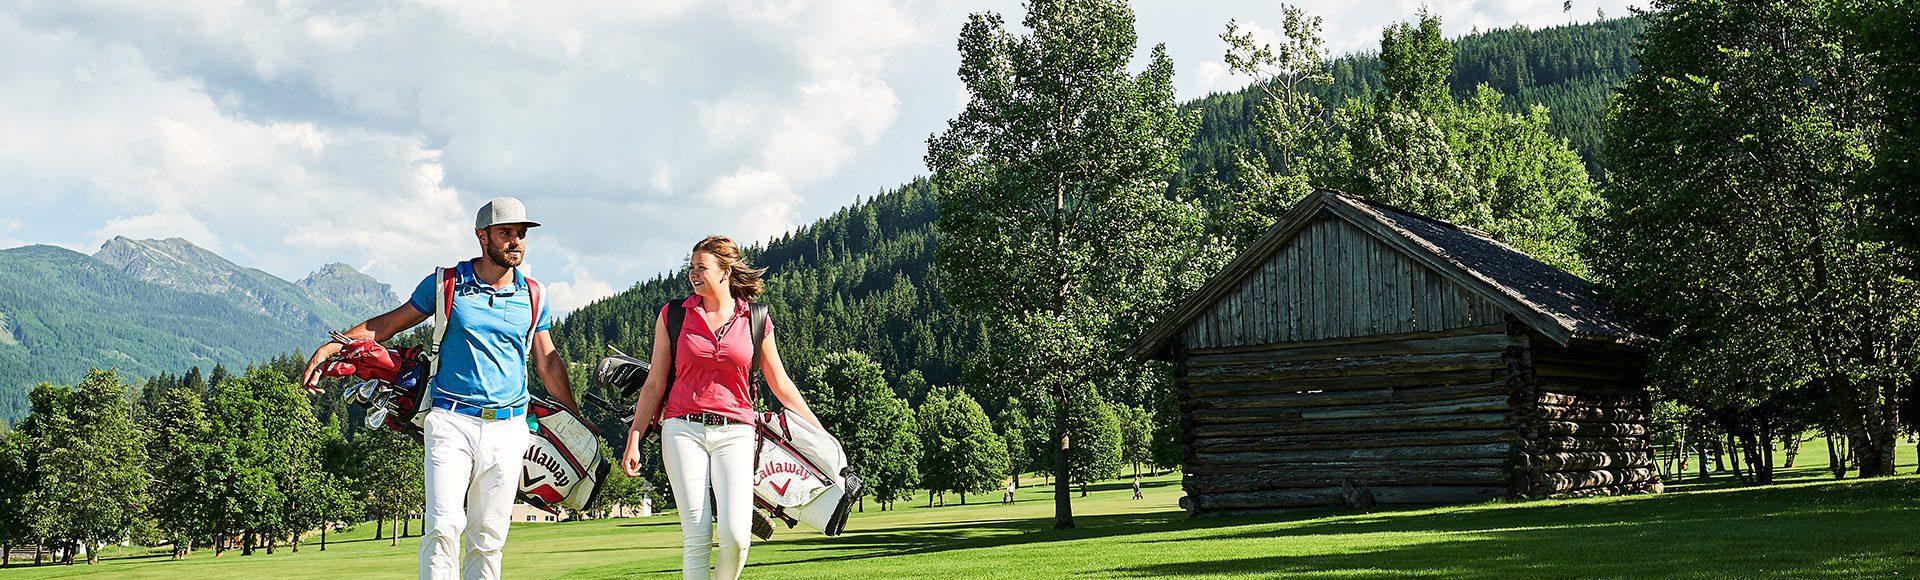 Golfpauschale Kurz